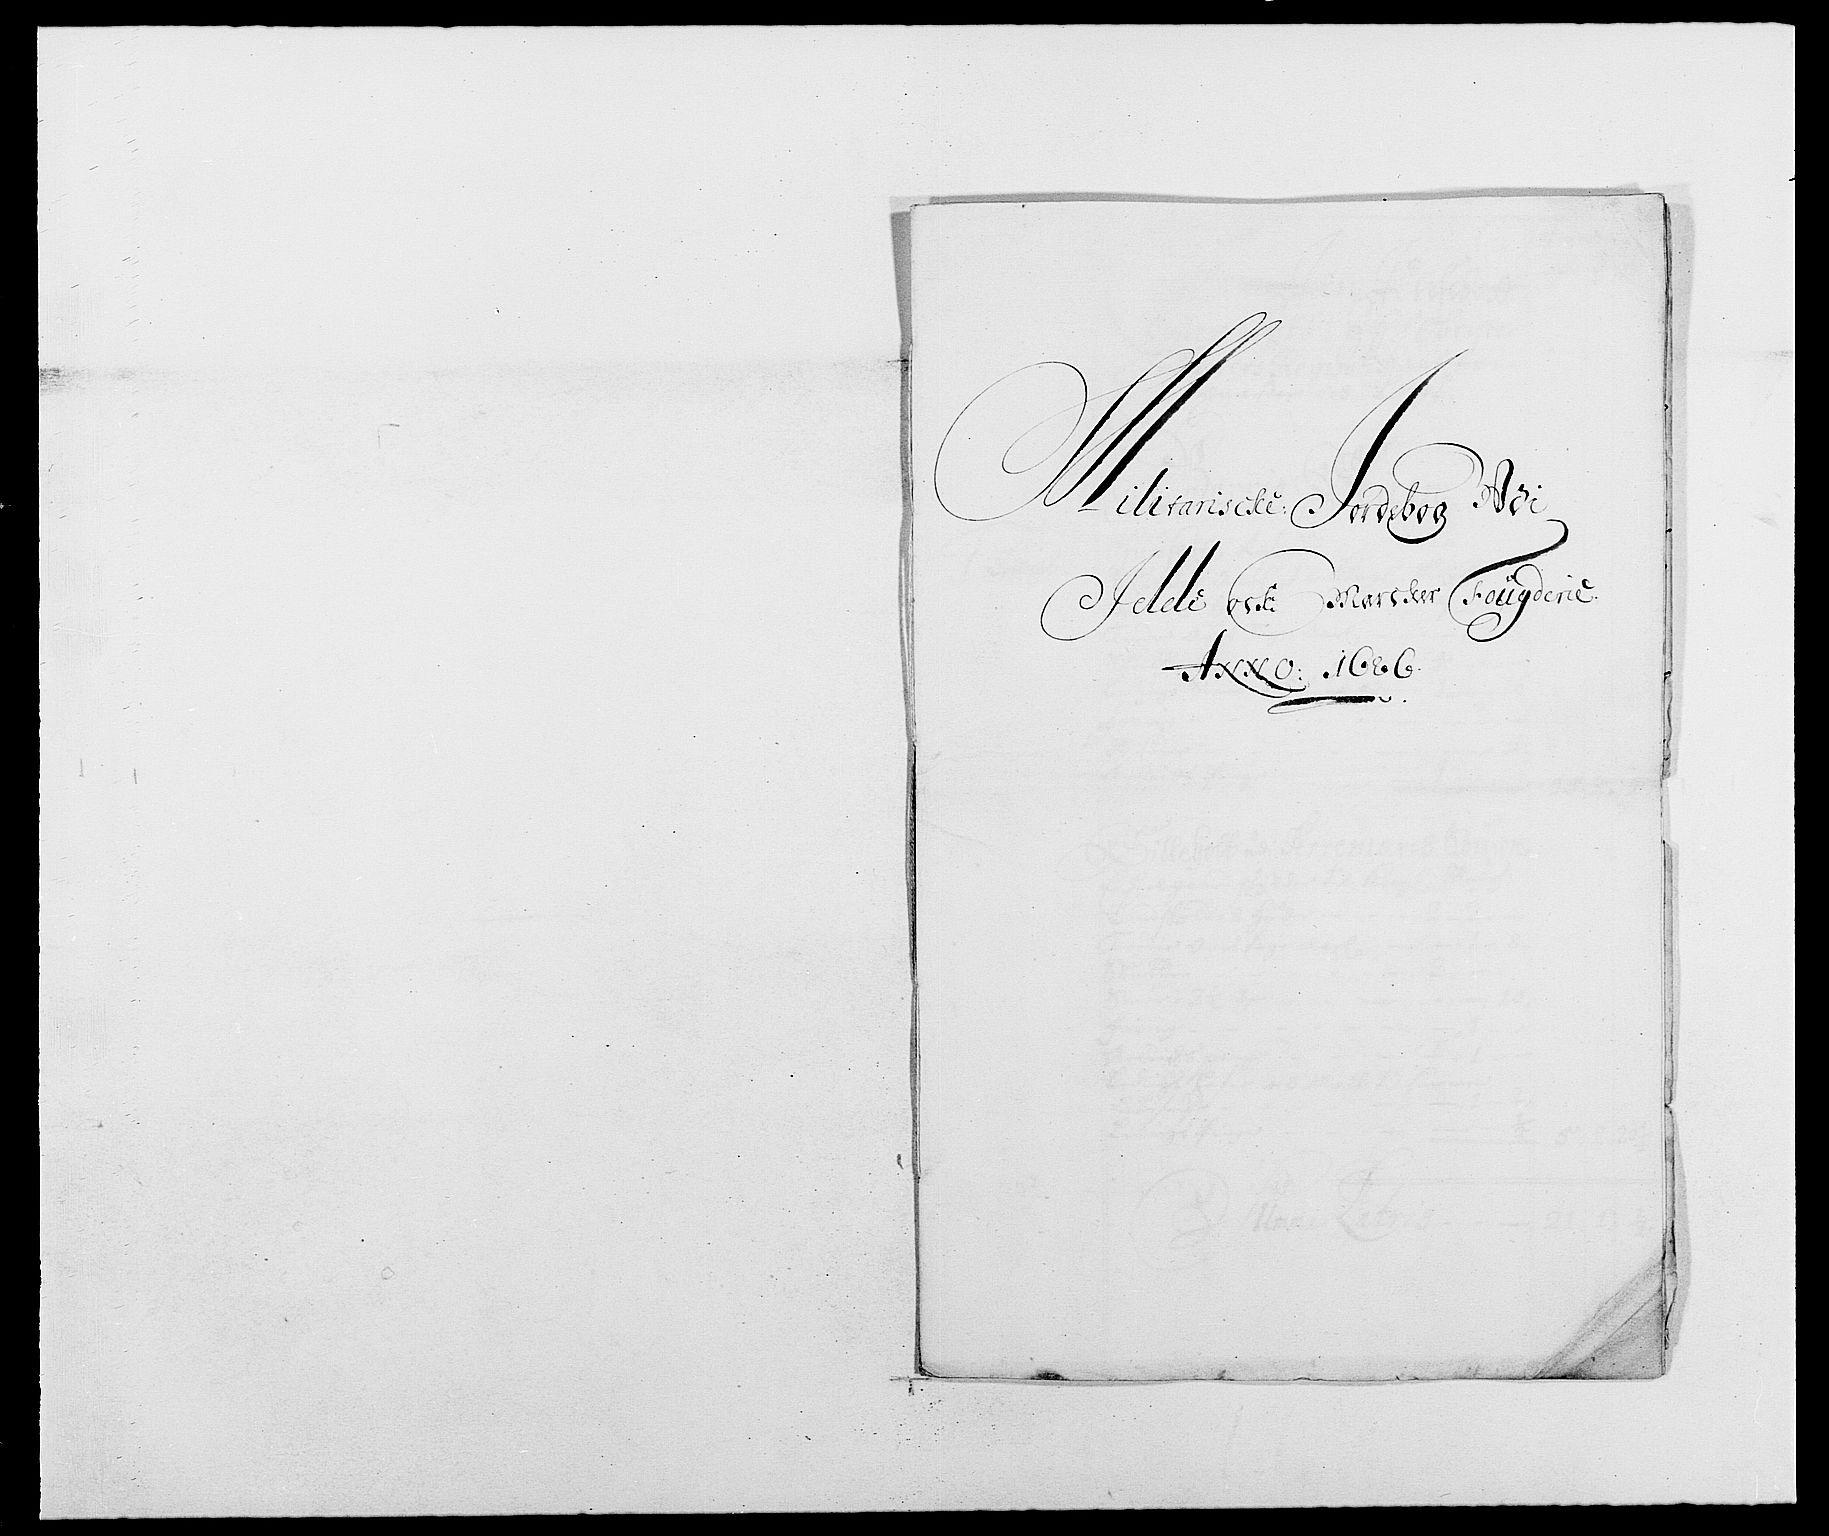 RA, Rentekammeret inntil 1814, Reviderte regnskaper, Fogderegnskap, R01/L0006: Fogderegnskap Idd og Marker, 1685-1686, s. 402